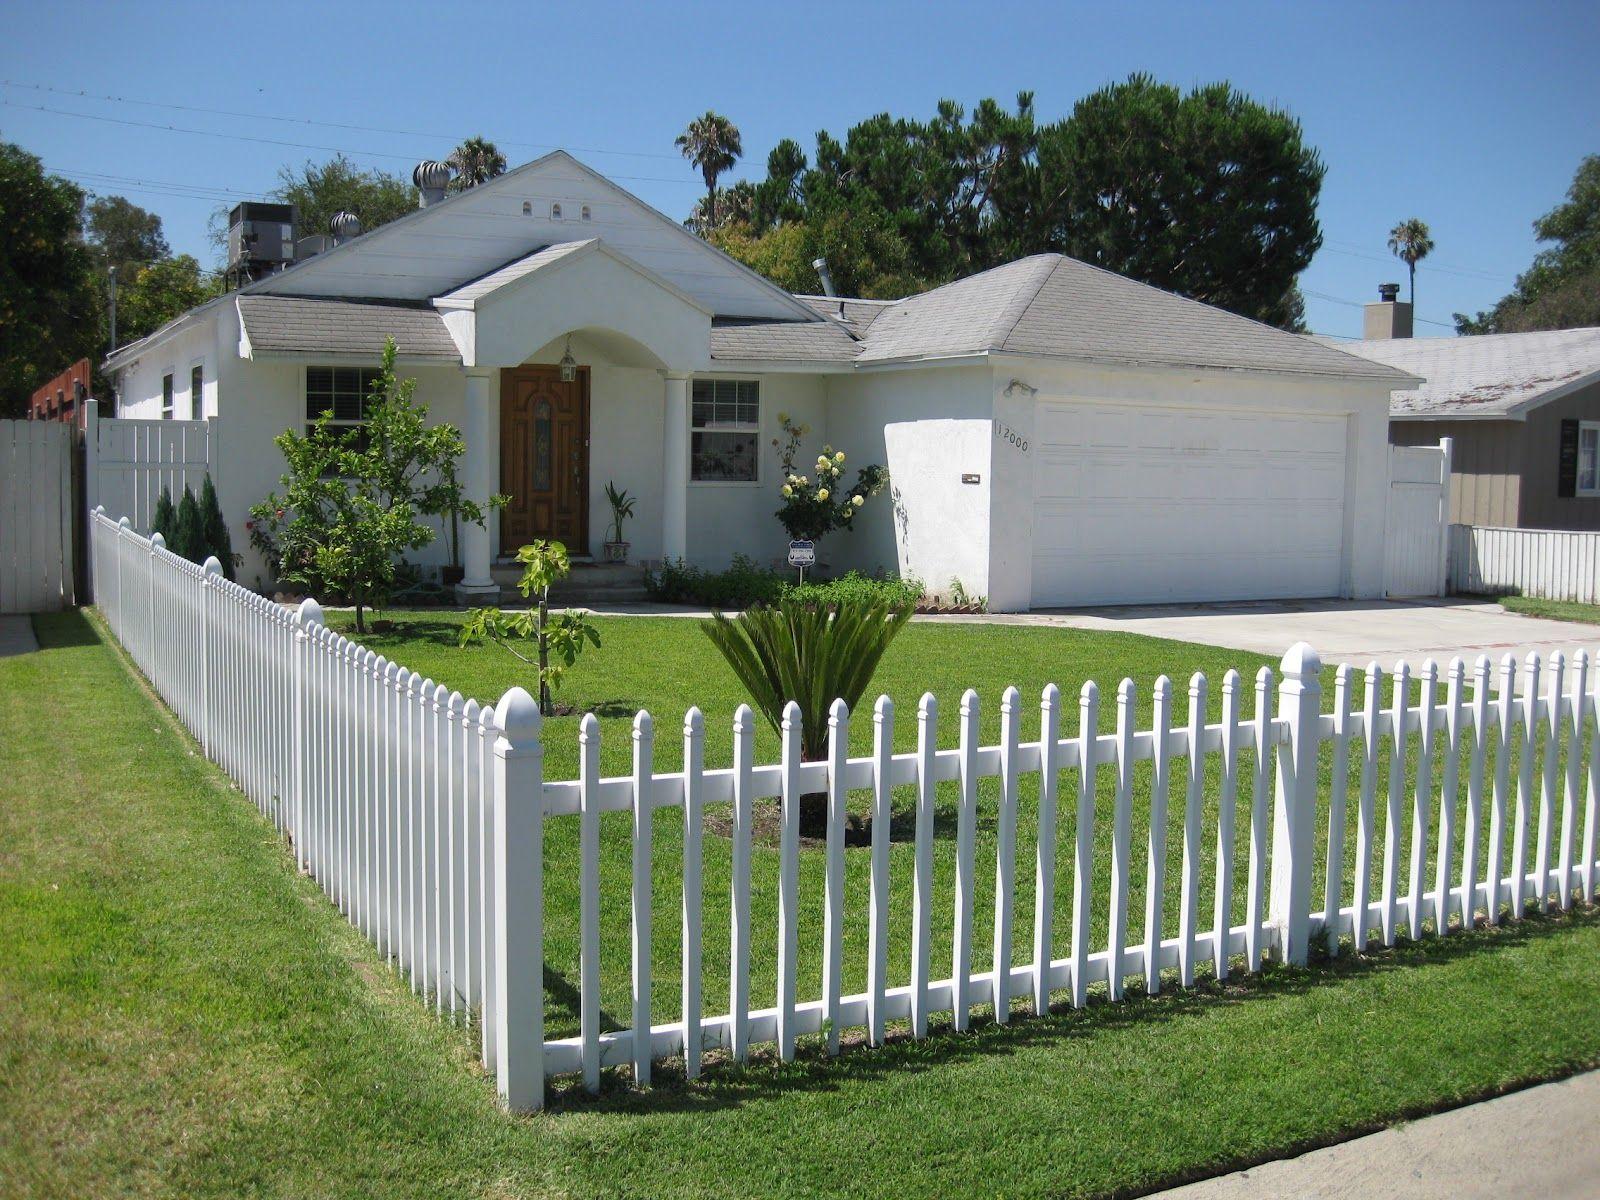 Vinyl White Picket Fence fence